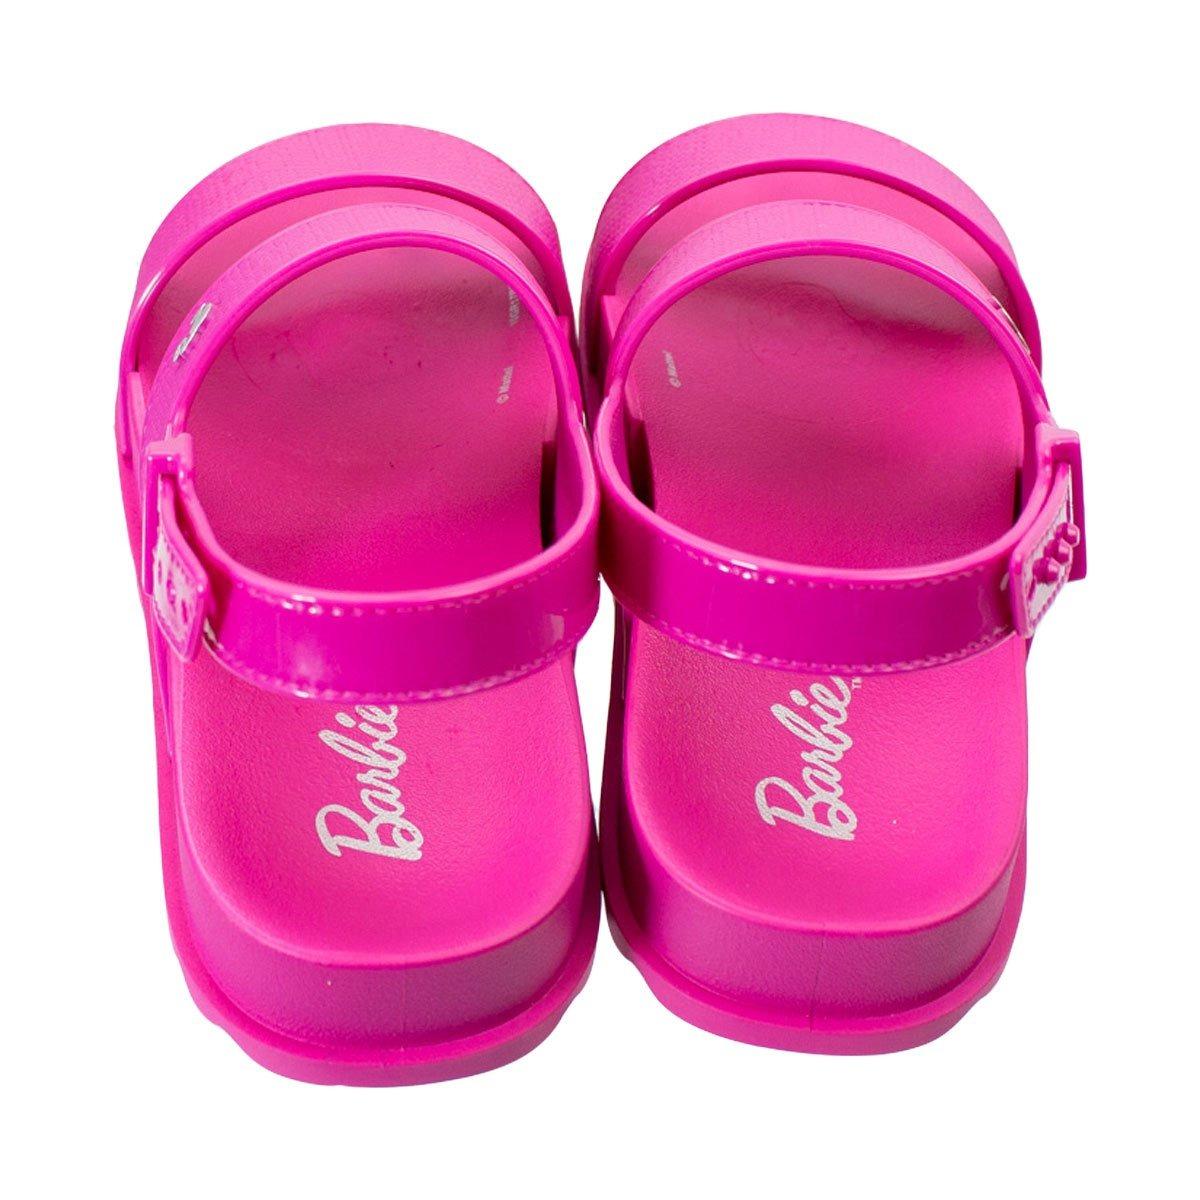 4377da2d2b sandália infantil grendene barbie duo shine com bolsa 21632. Carregando  zoom... sandália grendene bolsa. Carregando zoom.